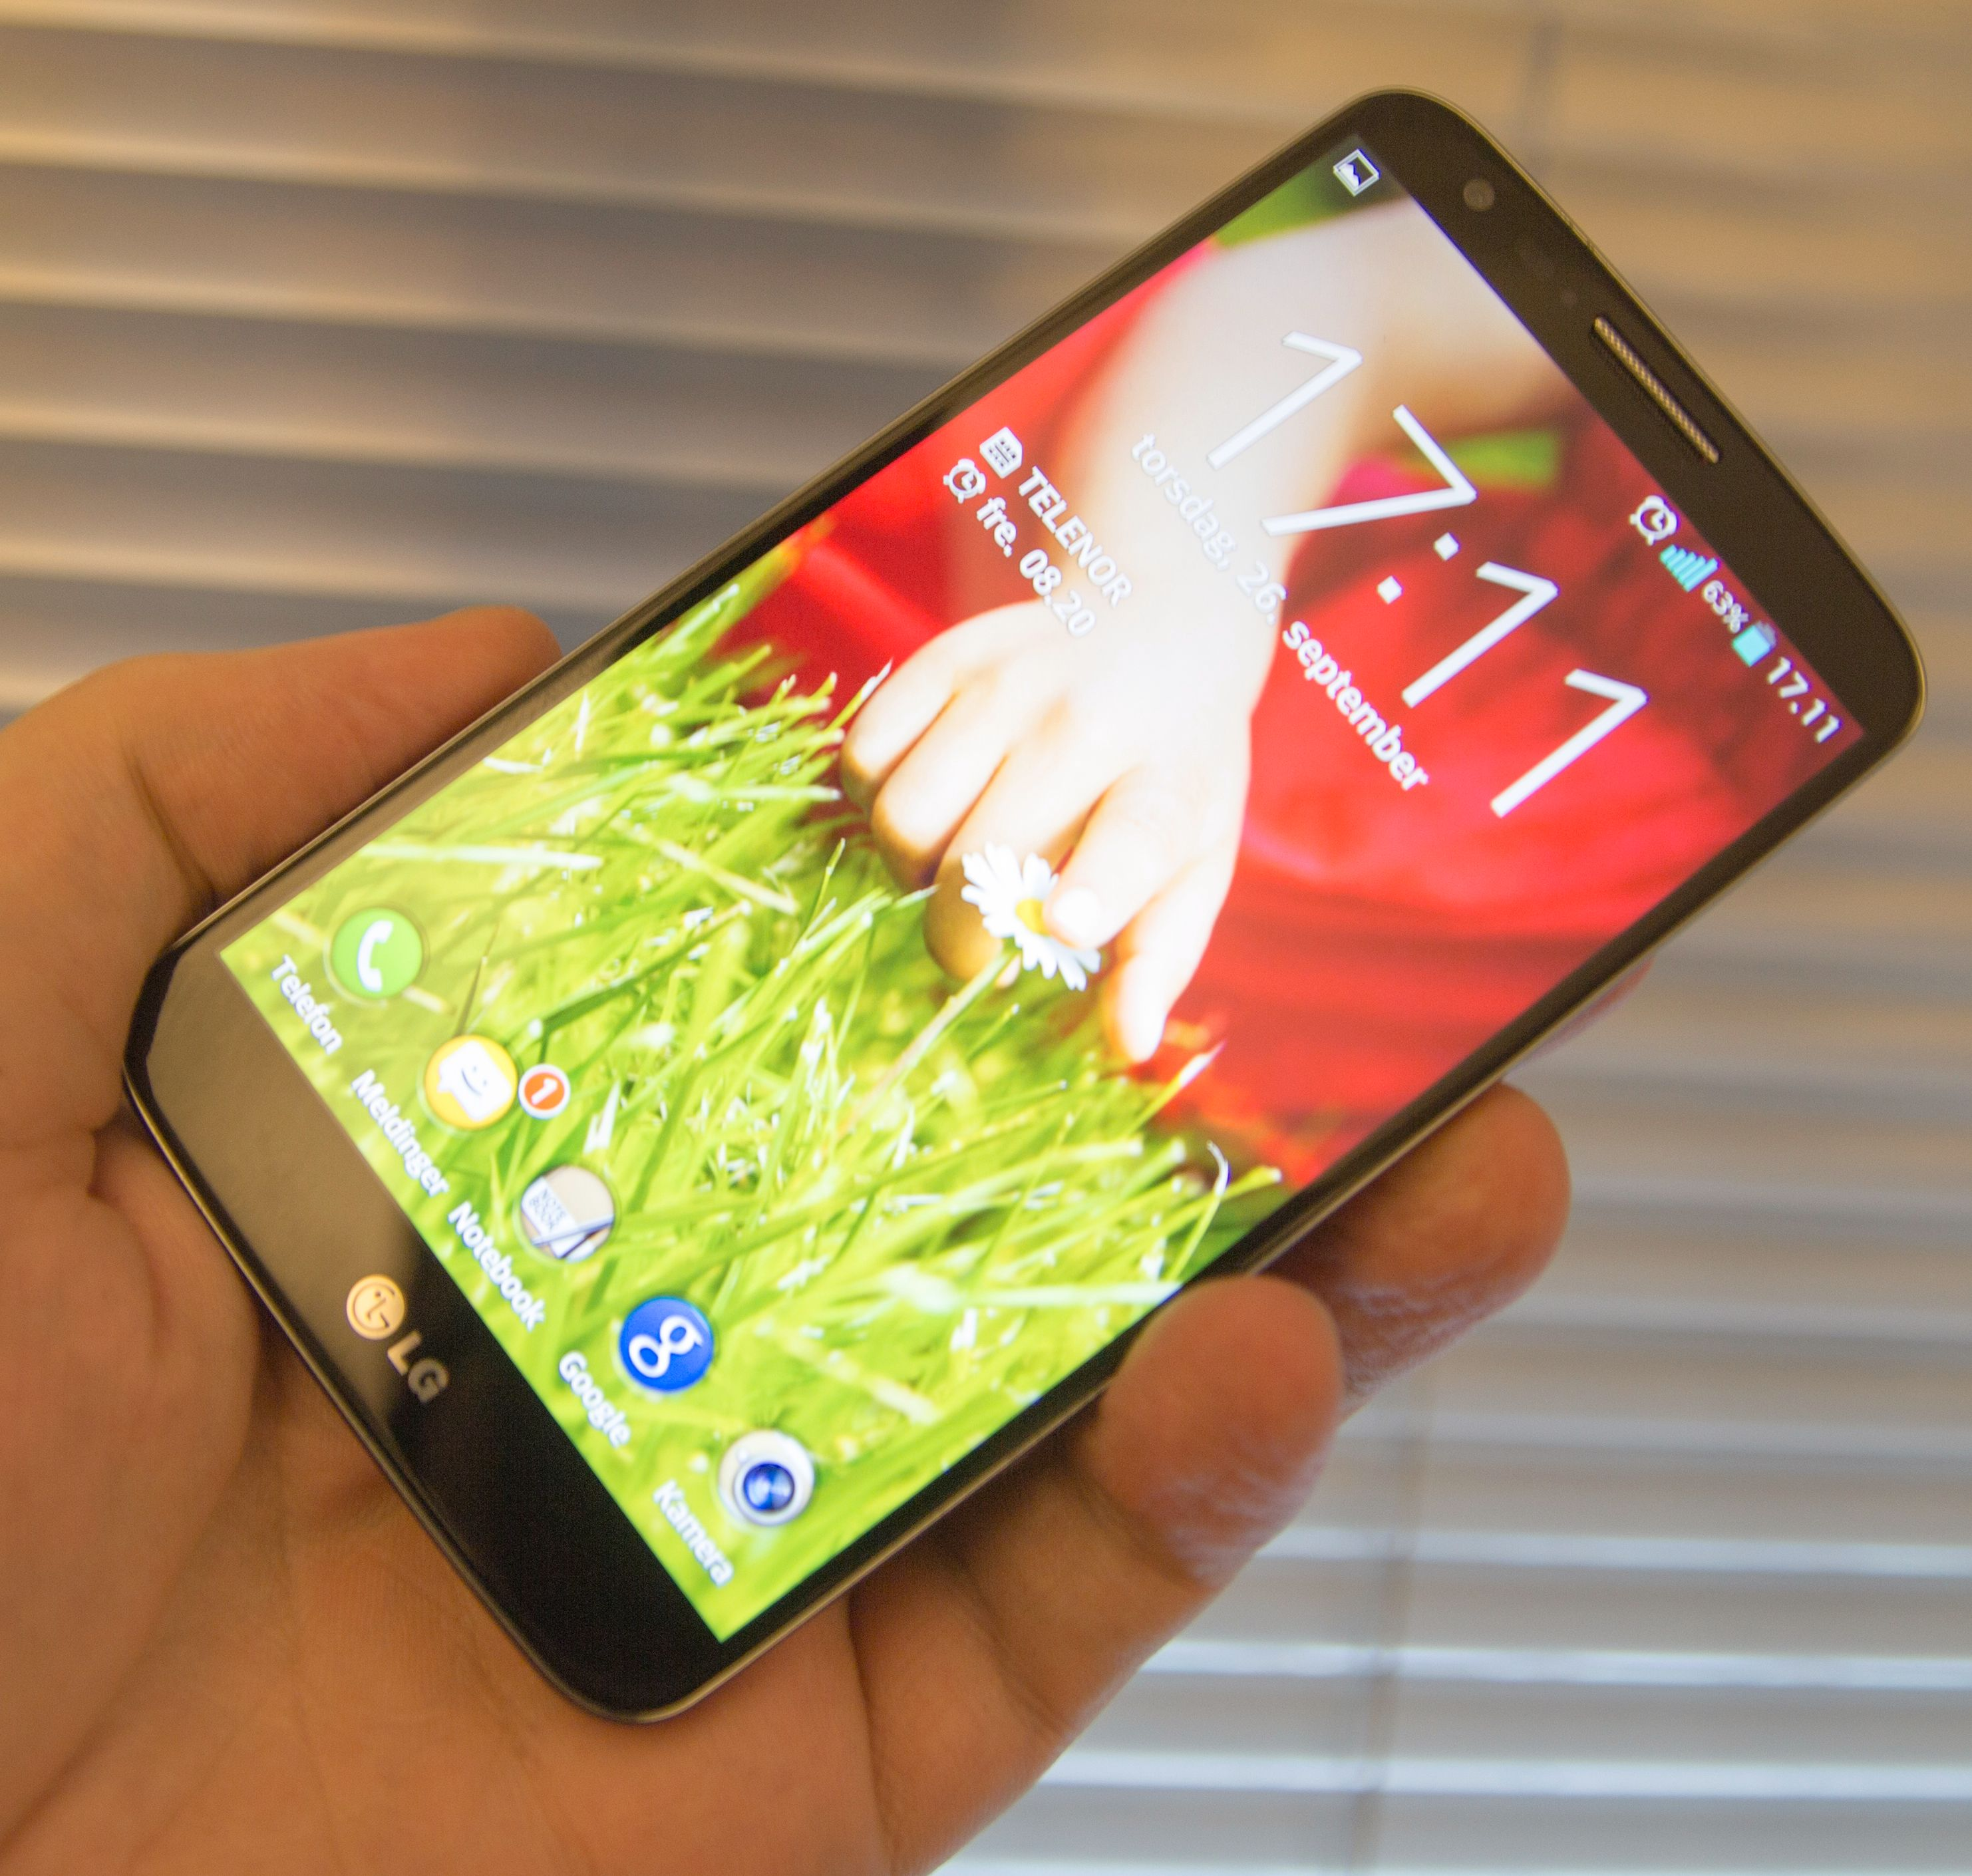 LG G2 har stor skjerm i en relativt kompakt innpakning. Den har også meget god batterikapasitet. Det gjør oss ekstra spente på oppfølgeren.Foto: Finn Jarle Kvalheim, Amobil.no